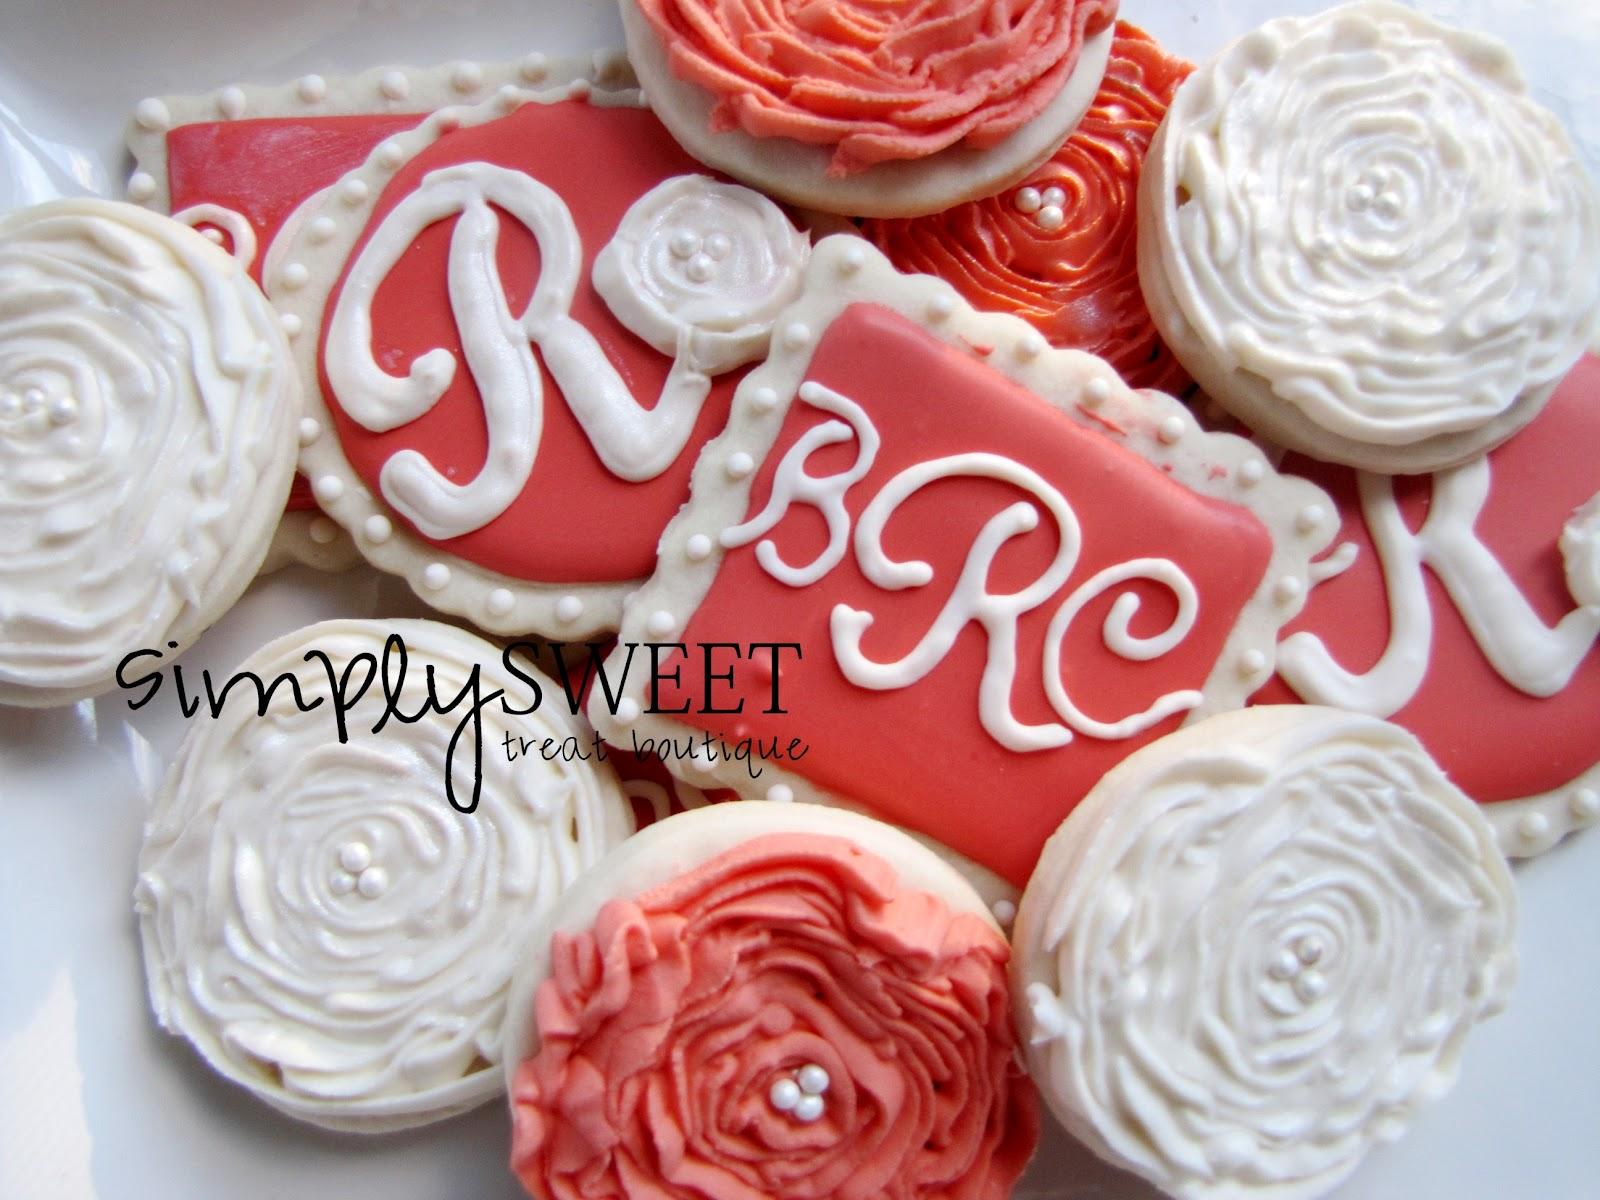 SimplySweet Treat Boutique: Wedding Monogram Cookies